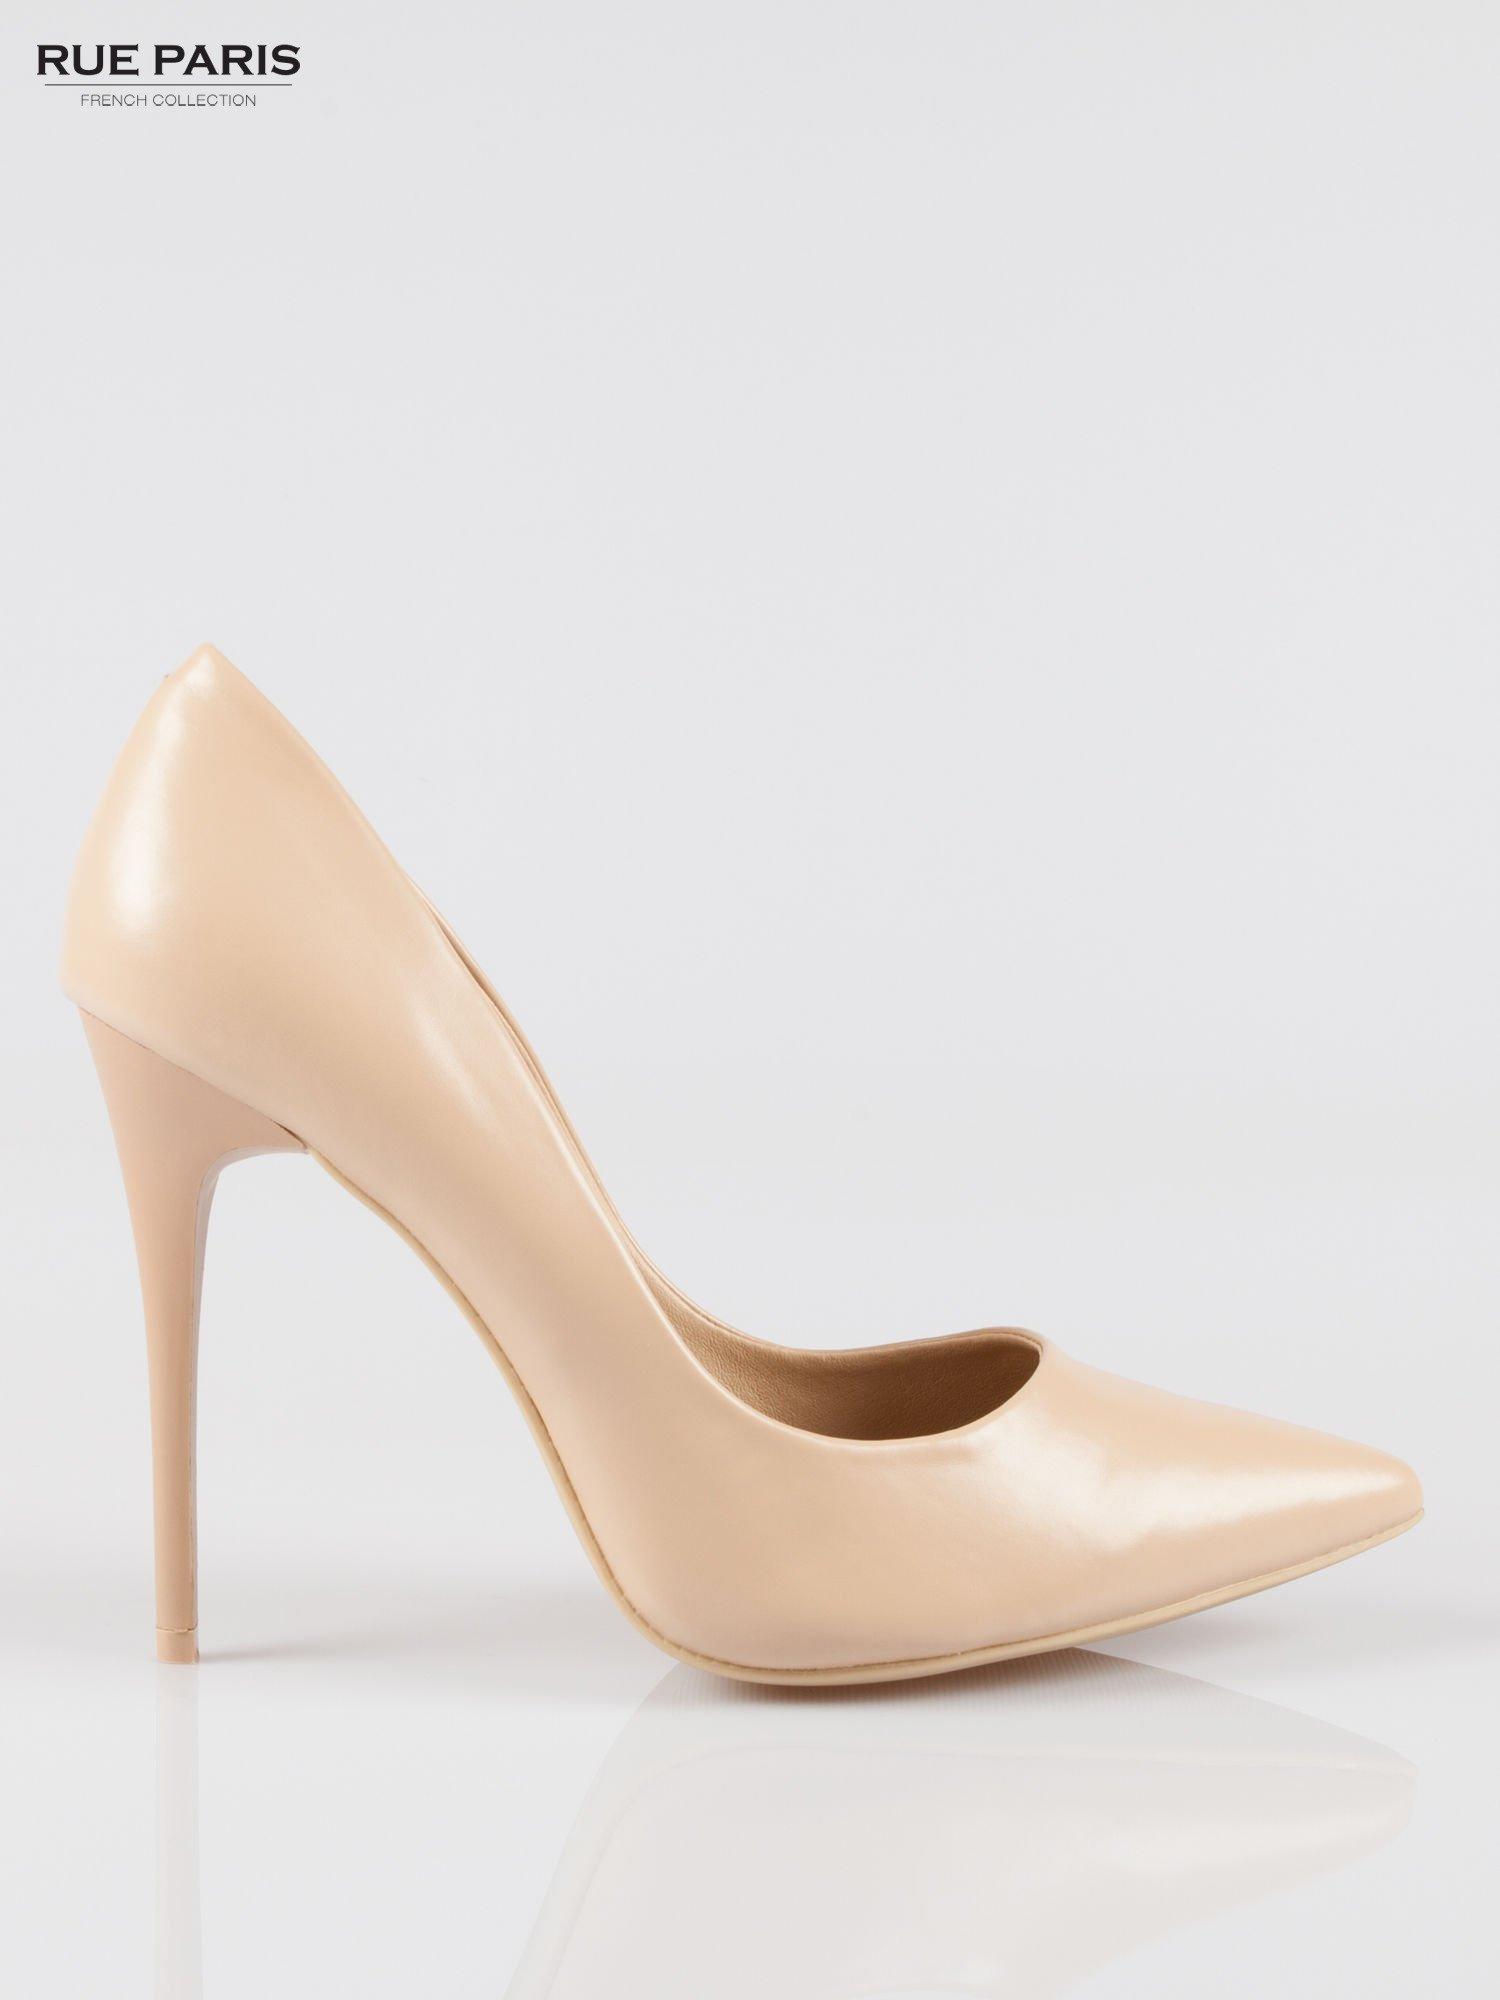 Beżowe szpilki high heels z noskiem w szpic                                  zdj.                                  1